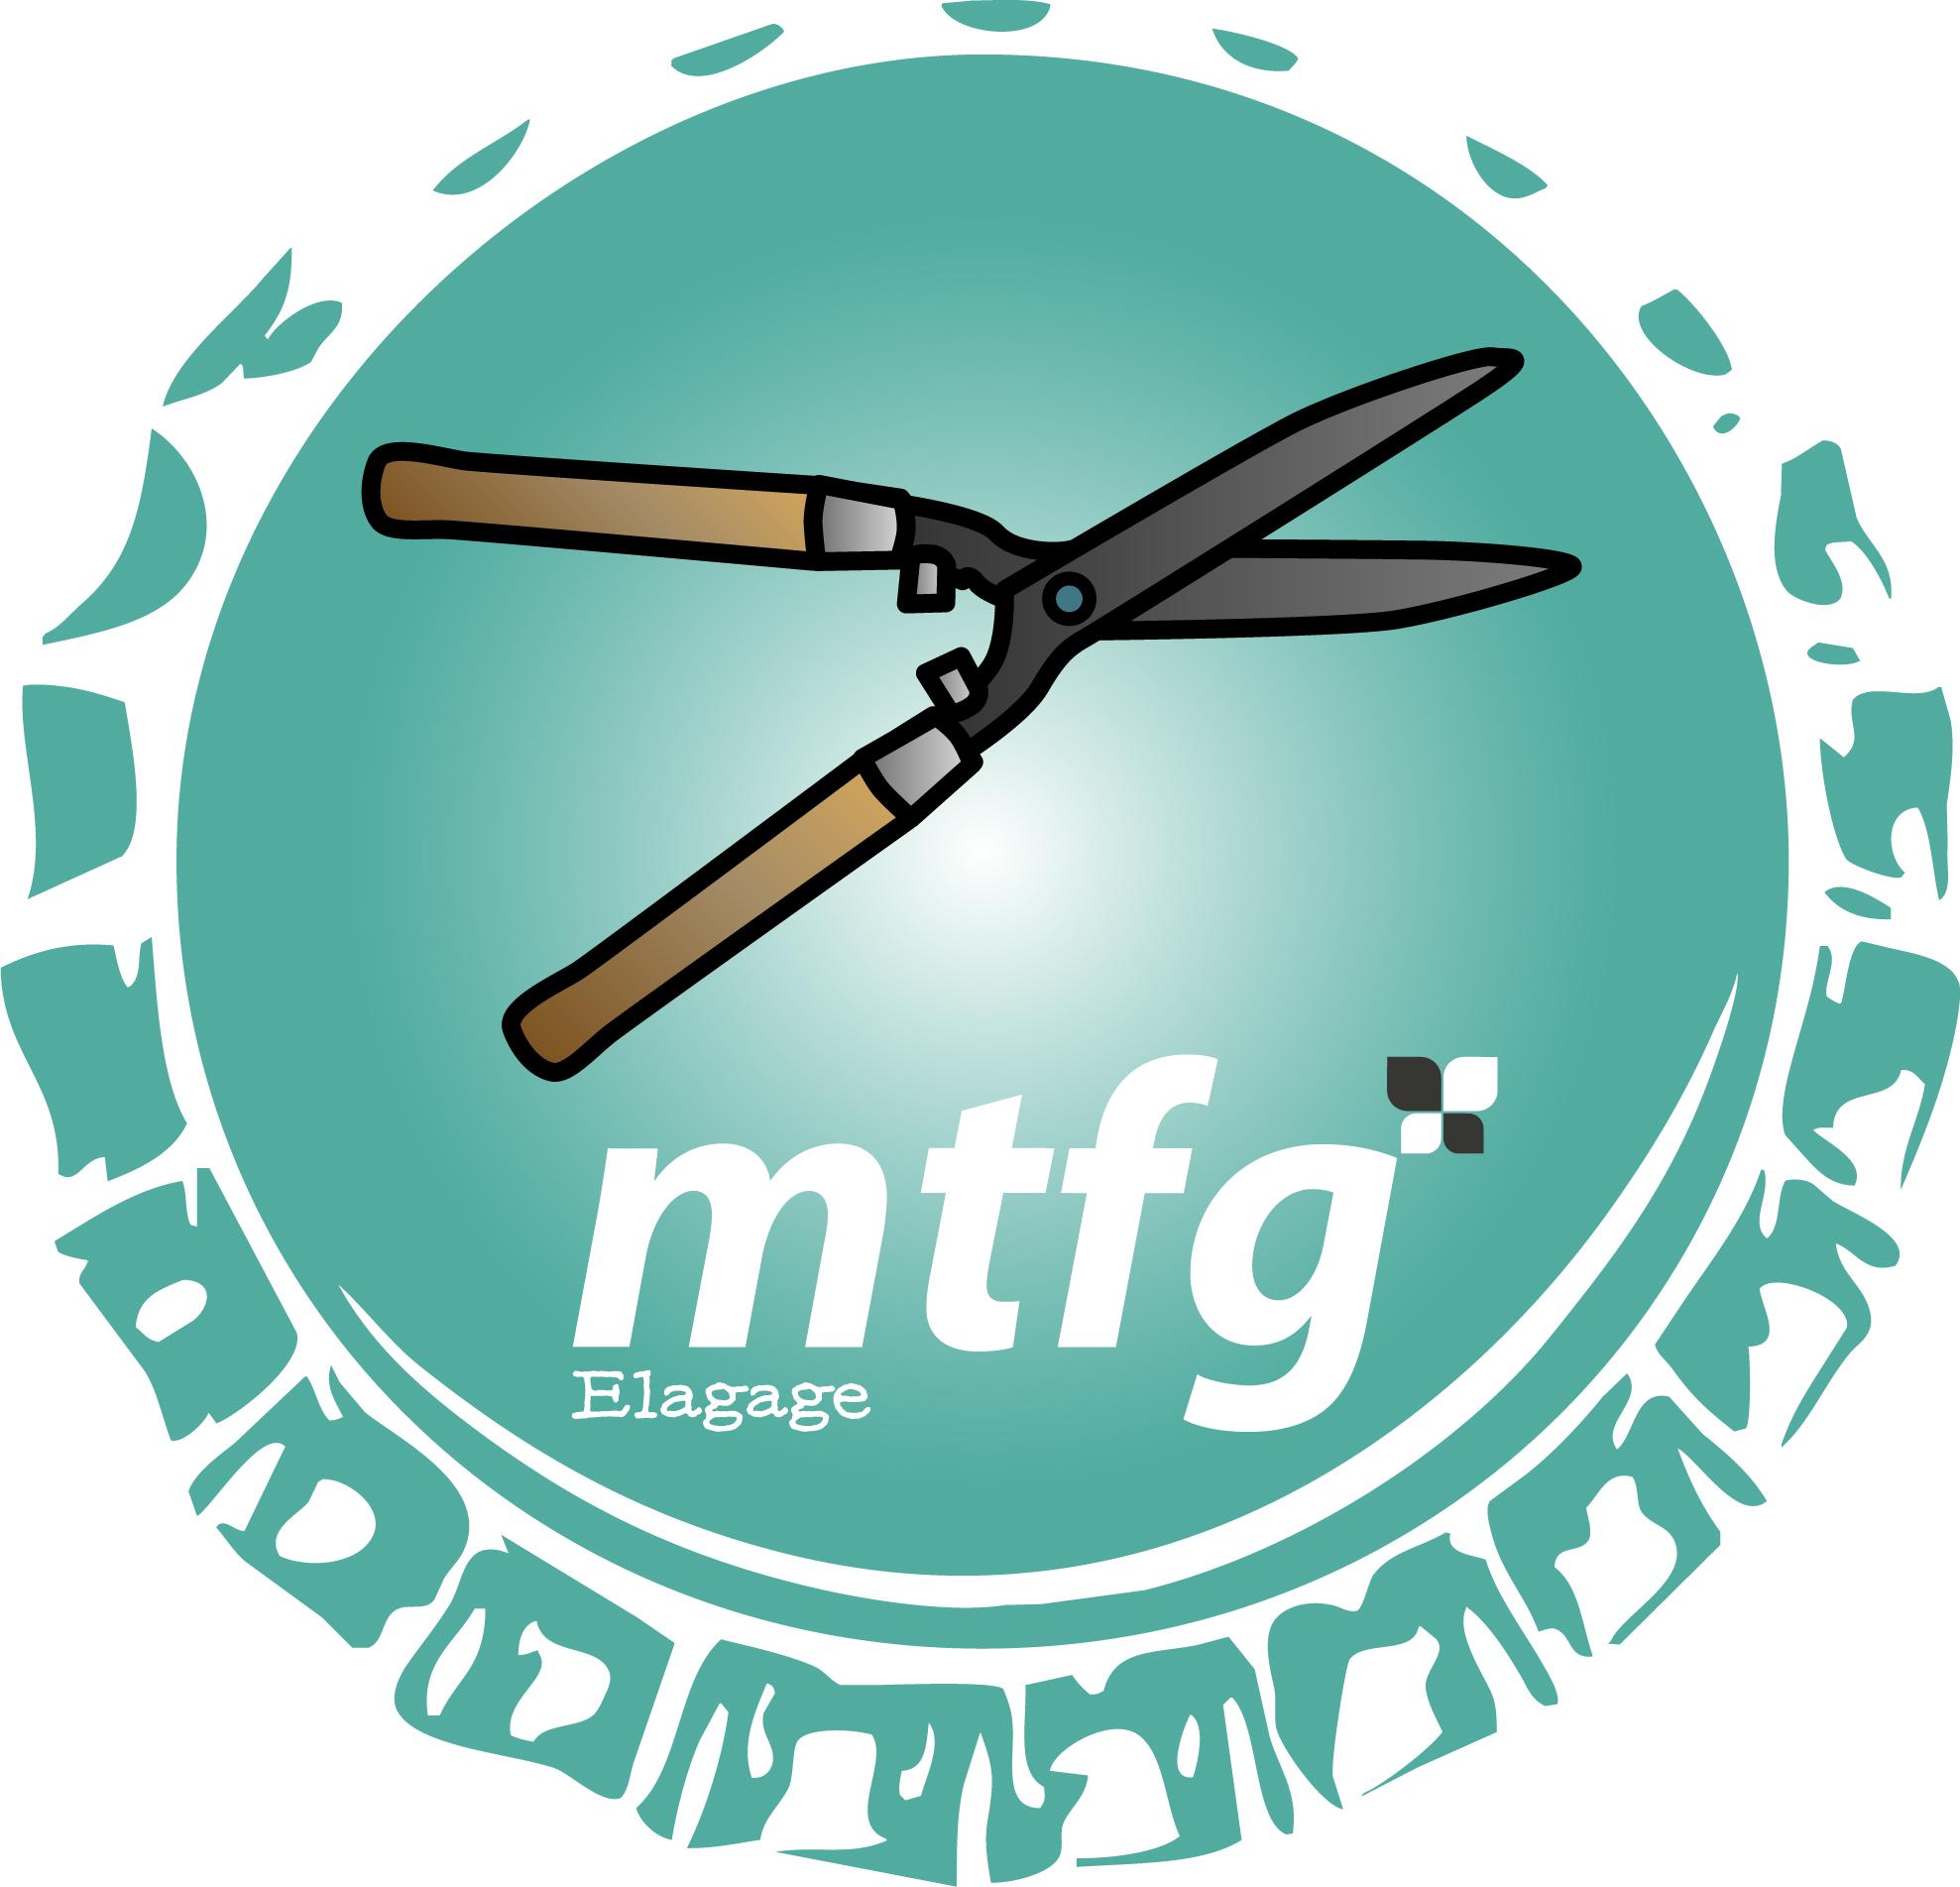 MTFG Élagage